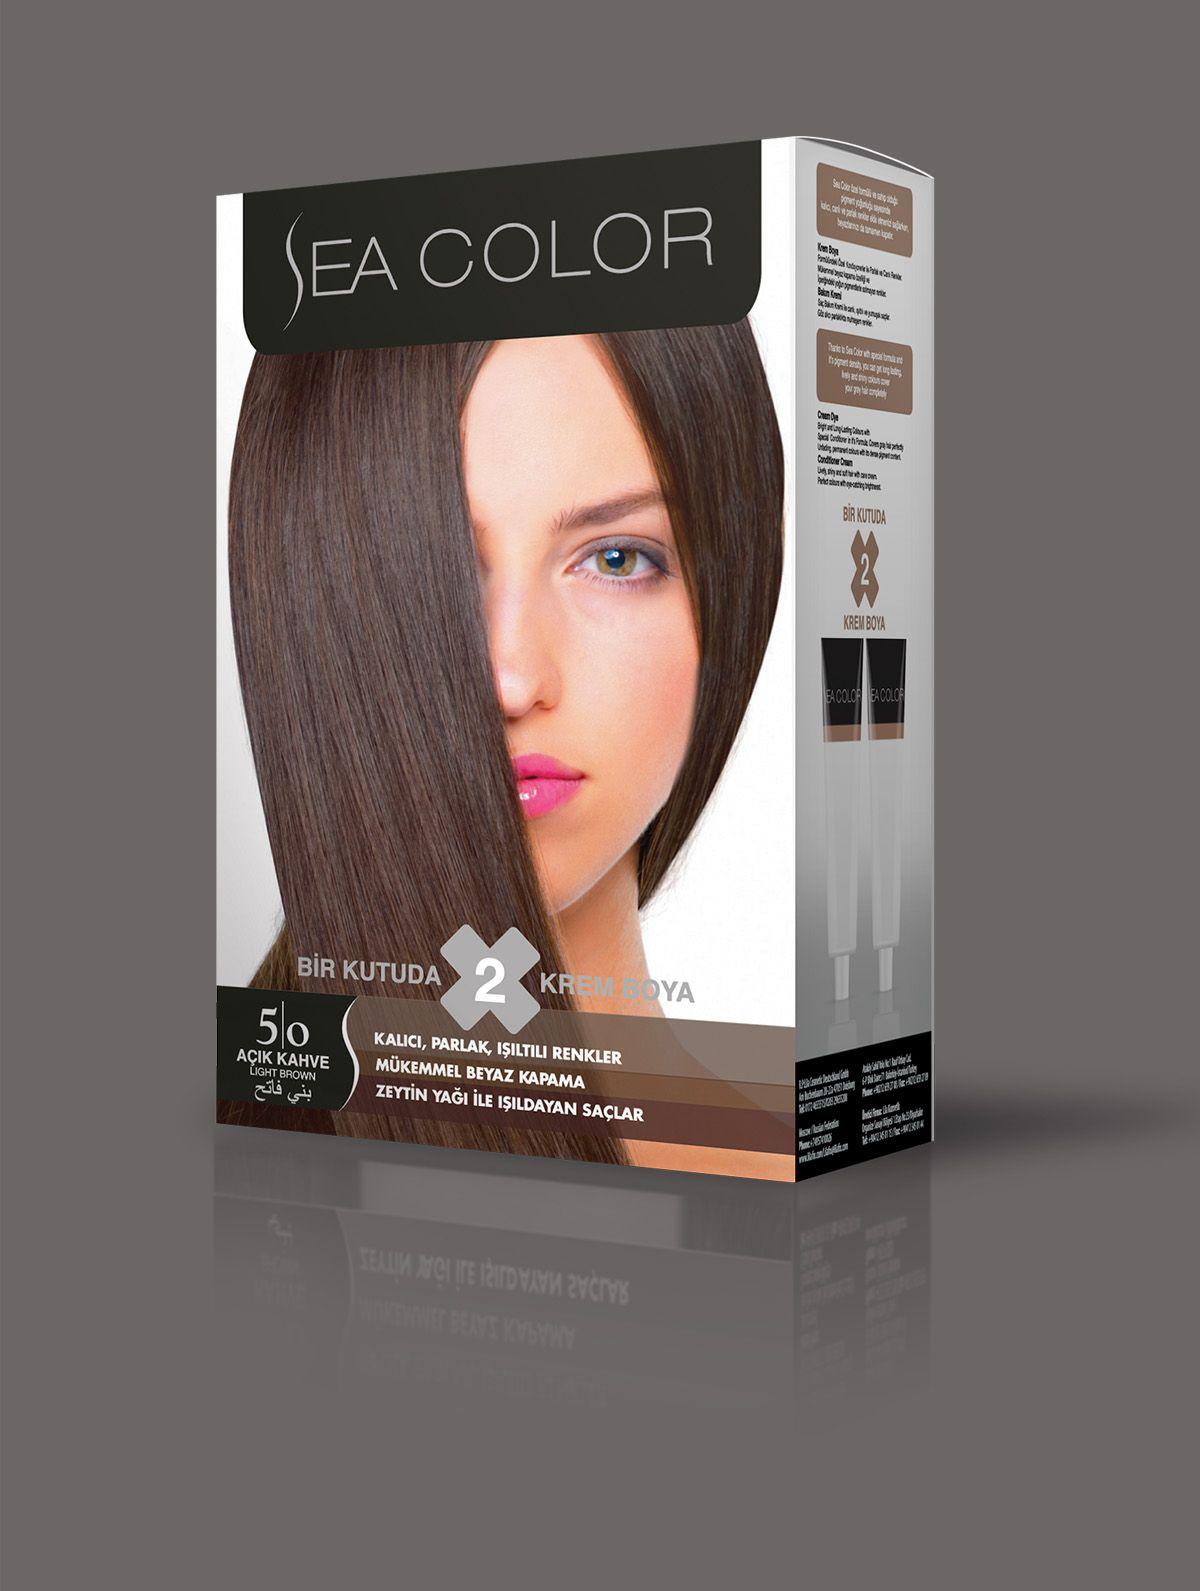 Sea Color Sac Boyasi 5 0 Acik Kahve 2020 Goruntuler Ile Sac